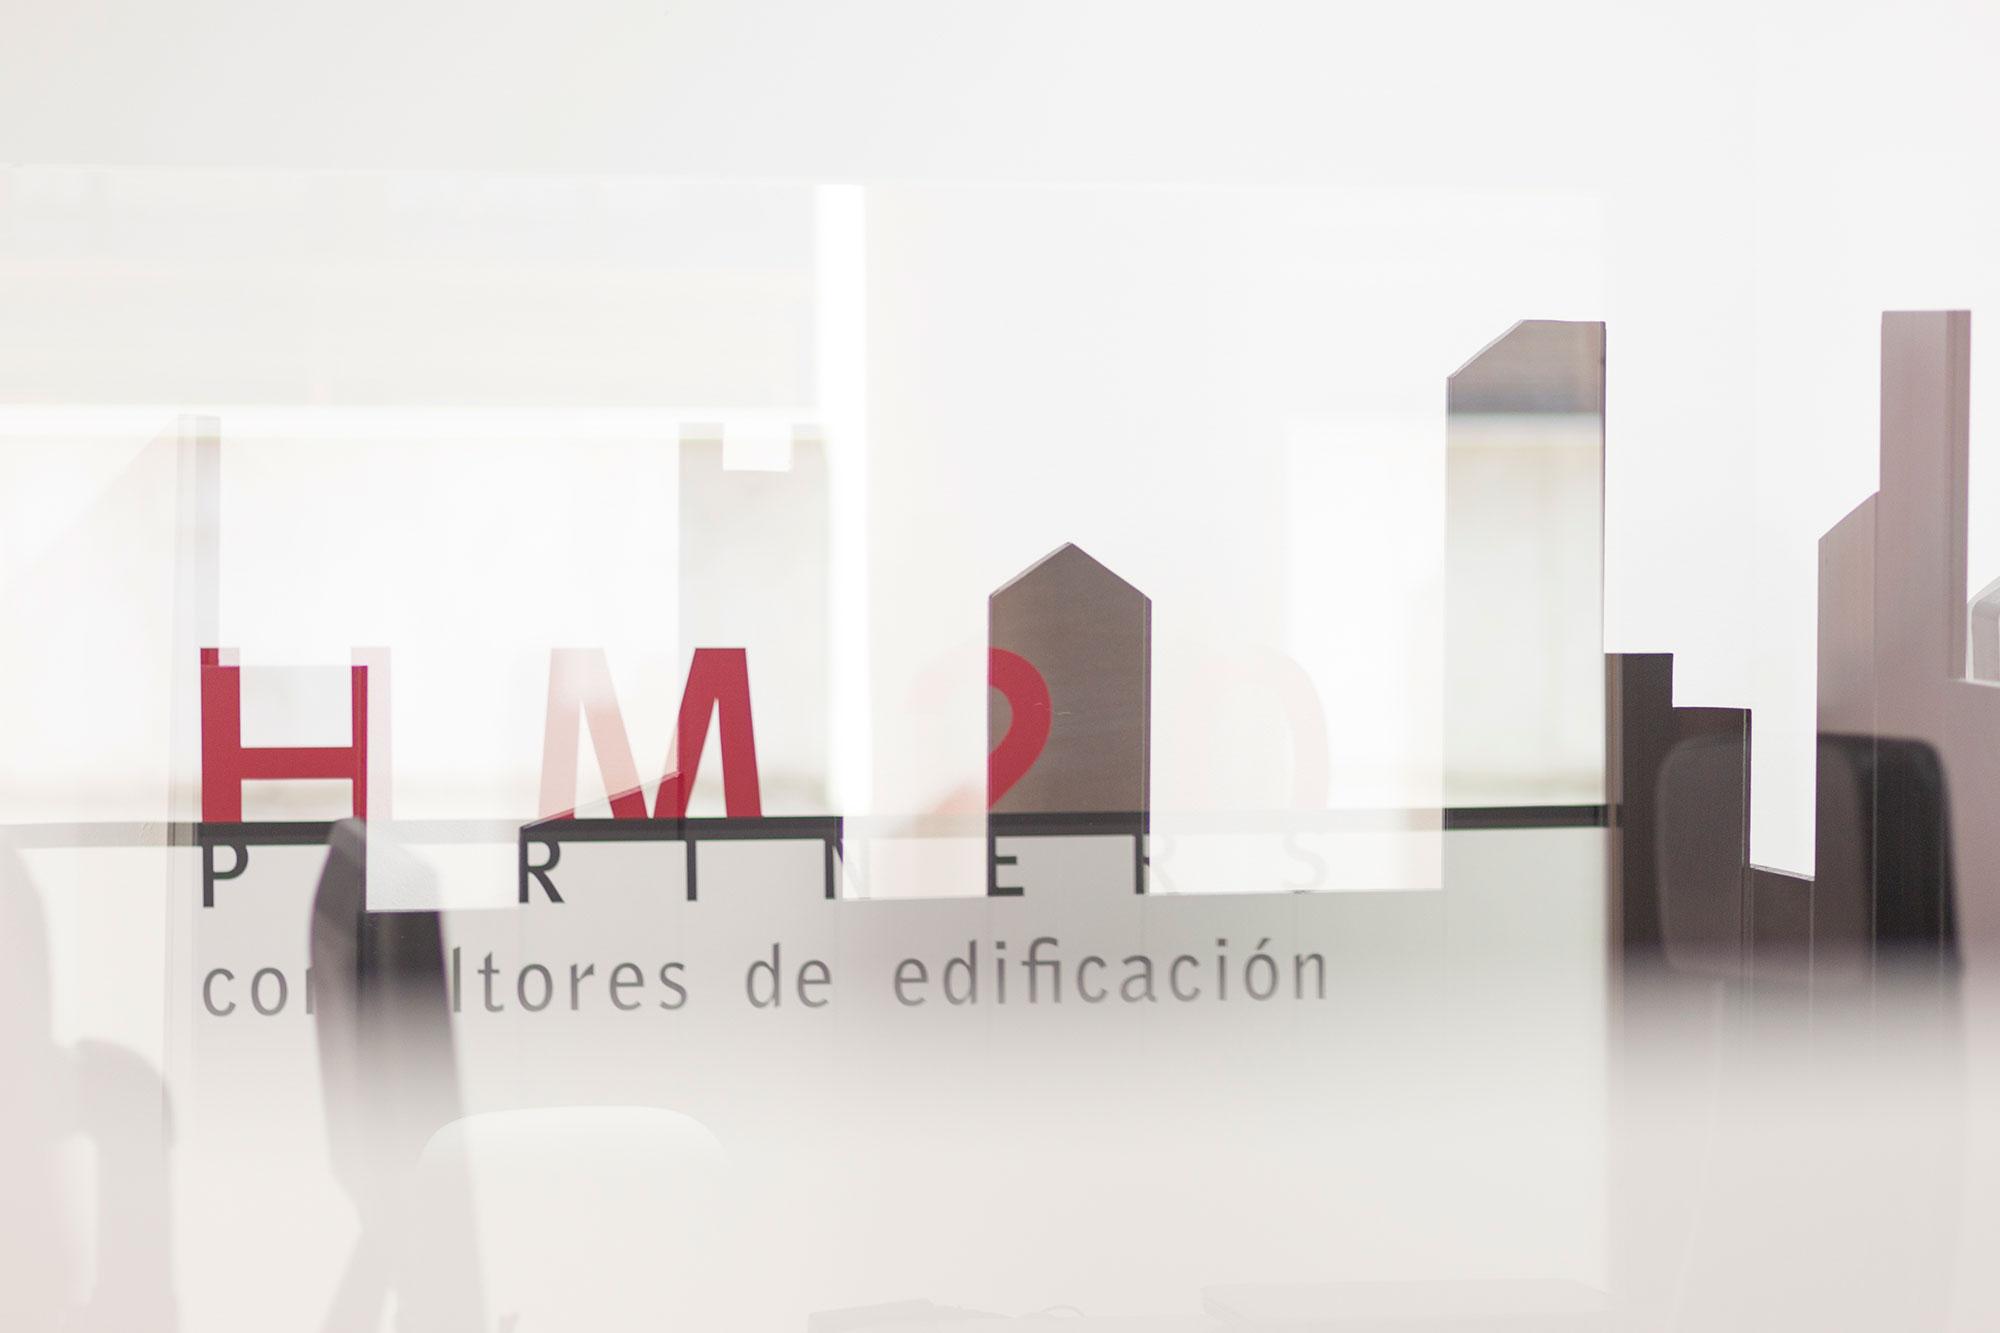 Hm20 consultores de edificaci n granada for Oficina catastro granada